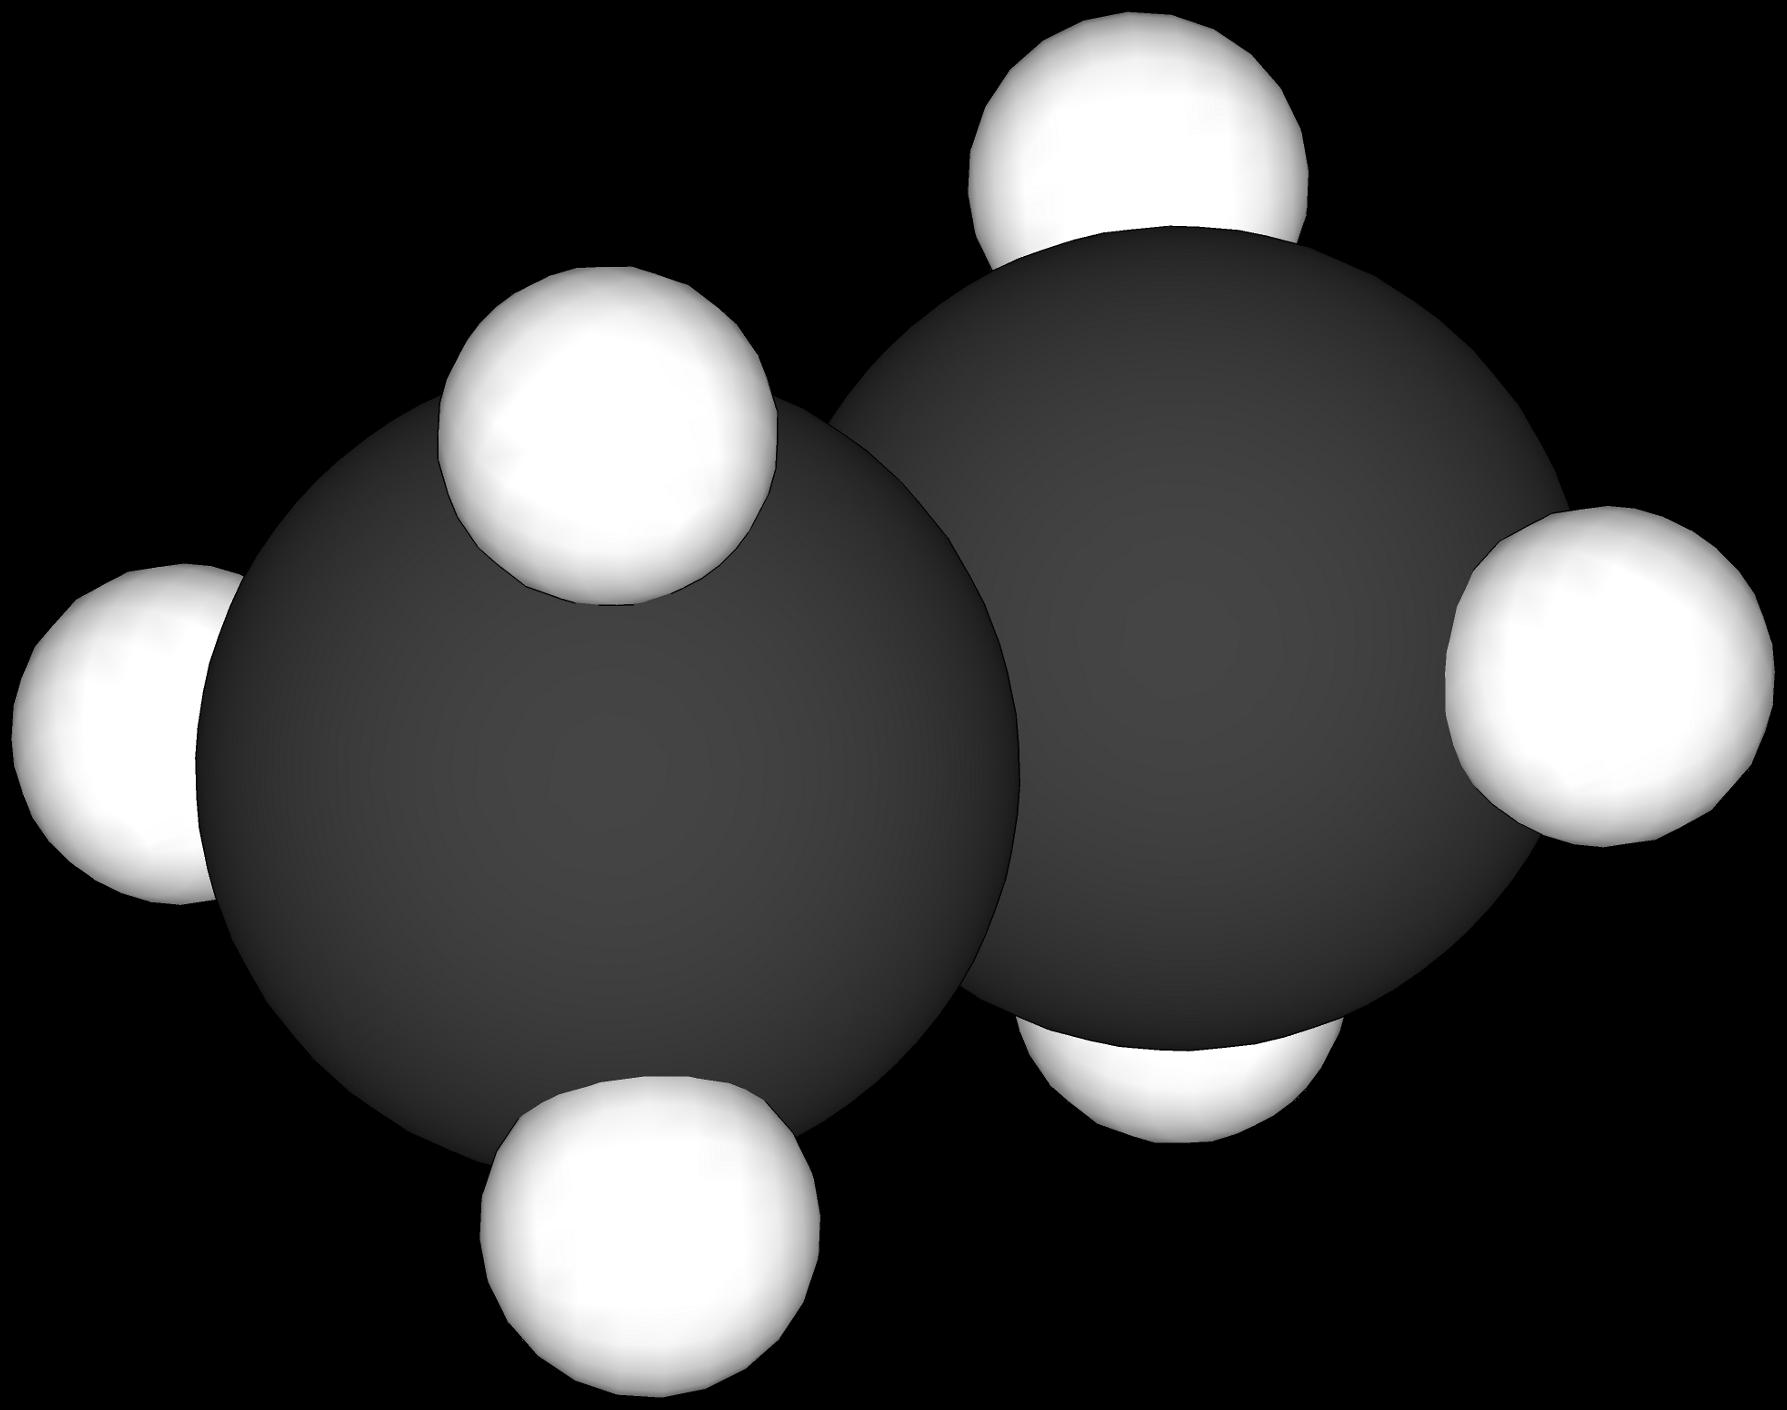 File:Enkel modell av eit etanmolekyl.png - Enkel PNG